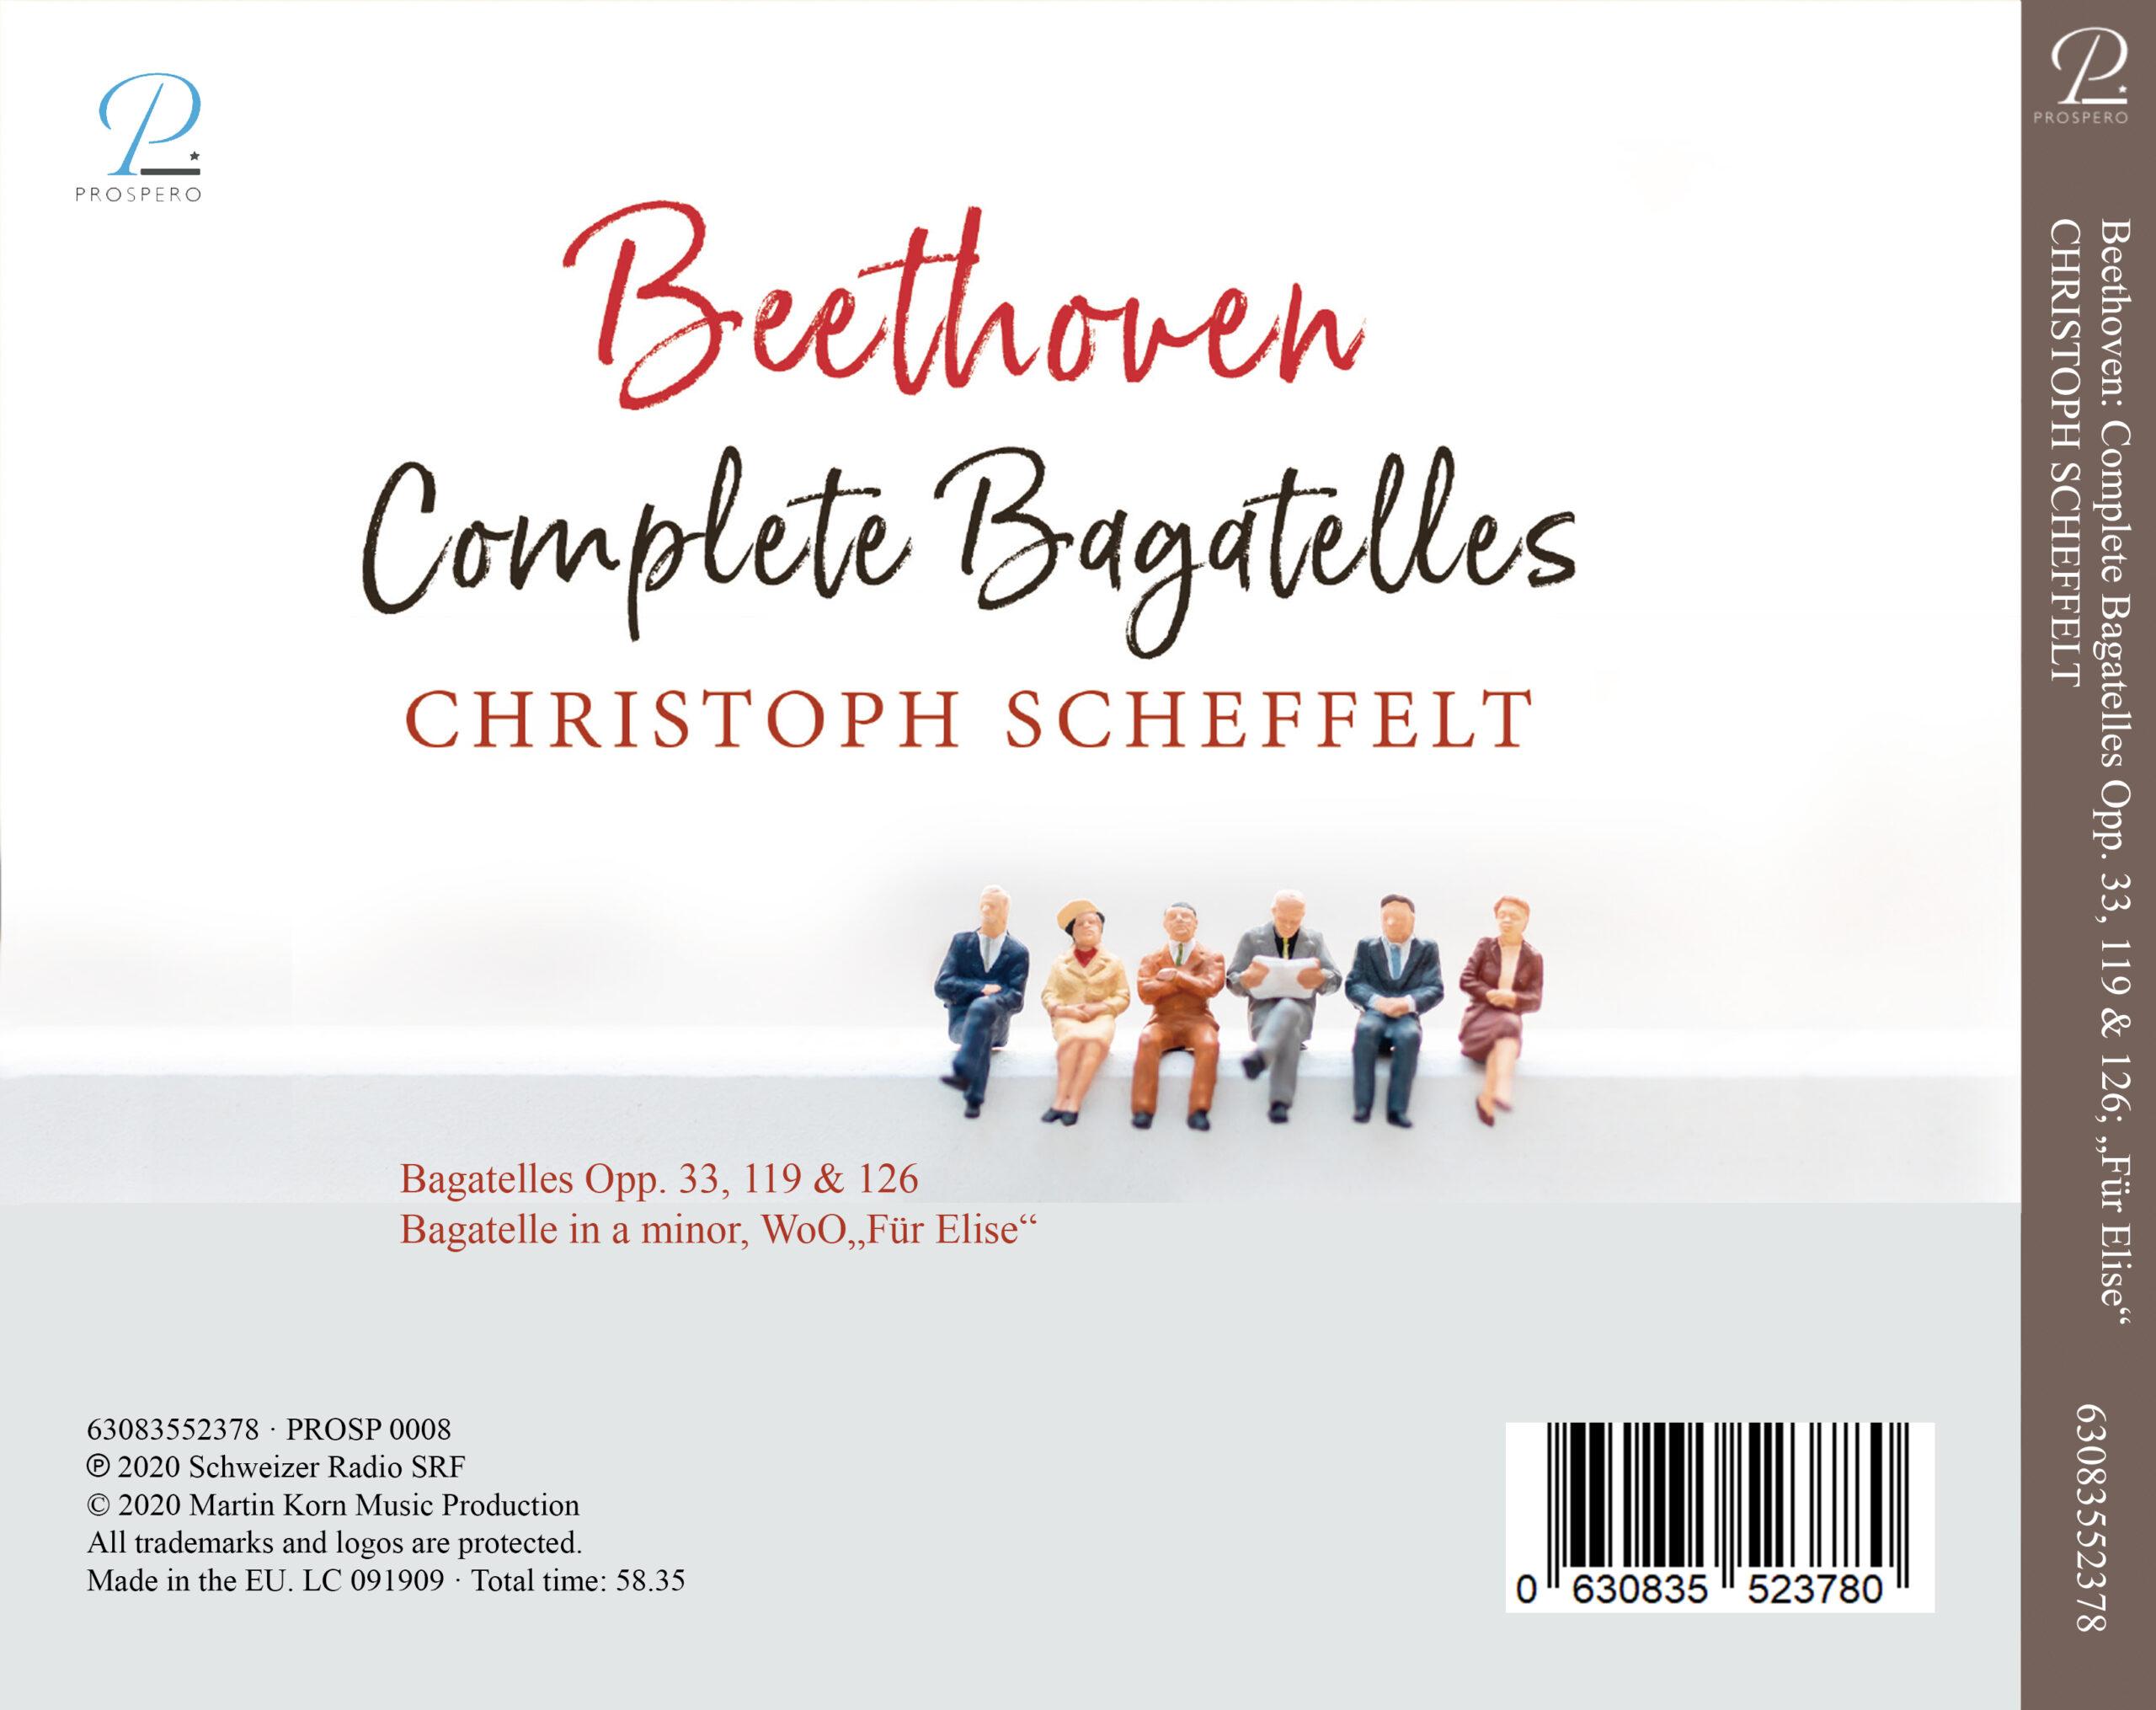 Beethoven Bagatelles - Digipack Back